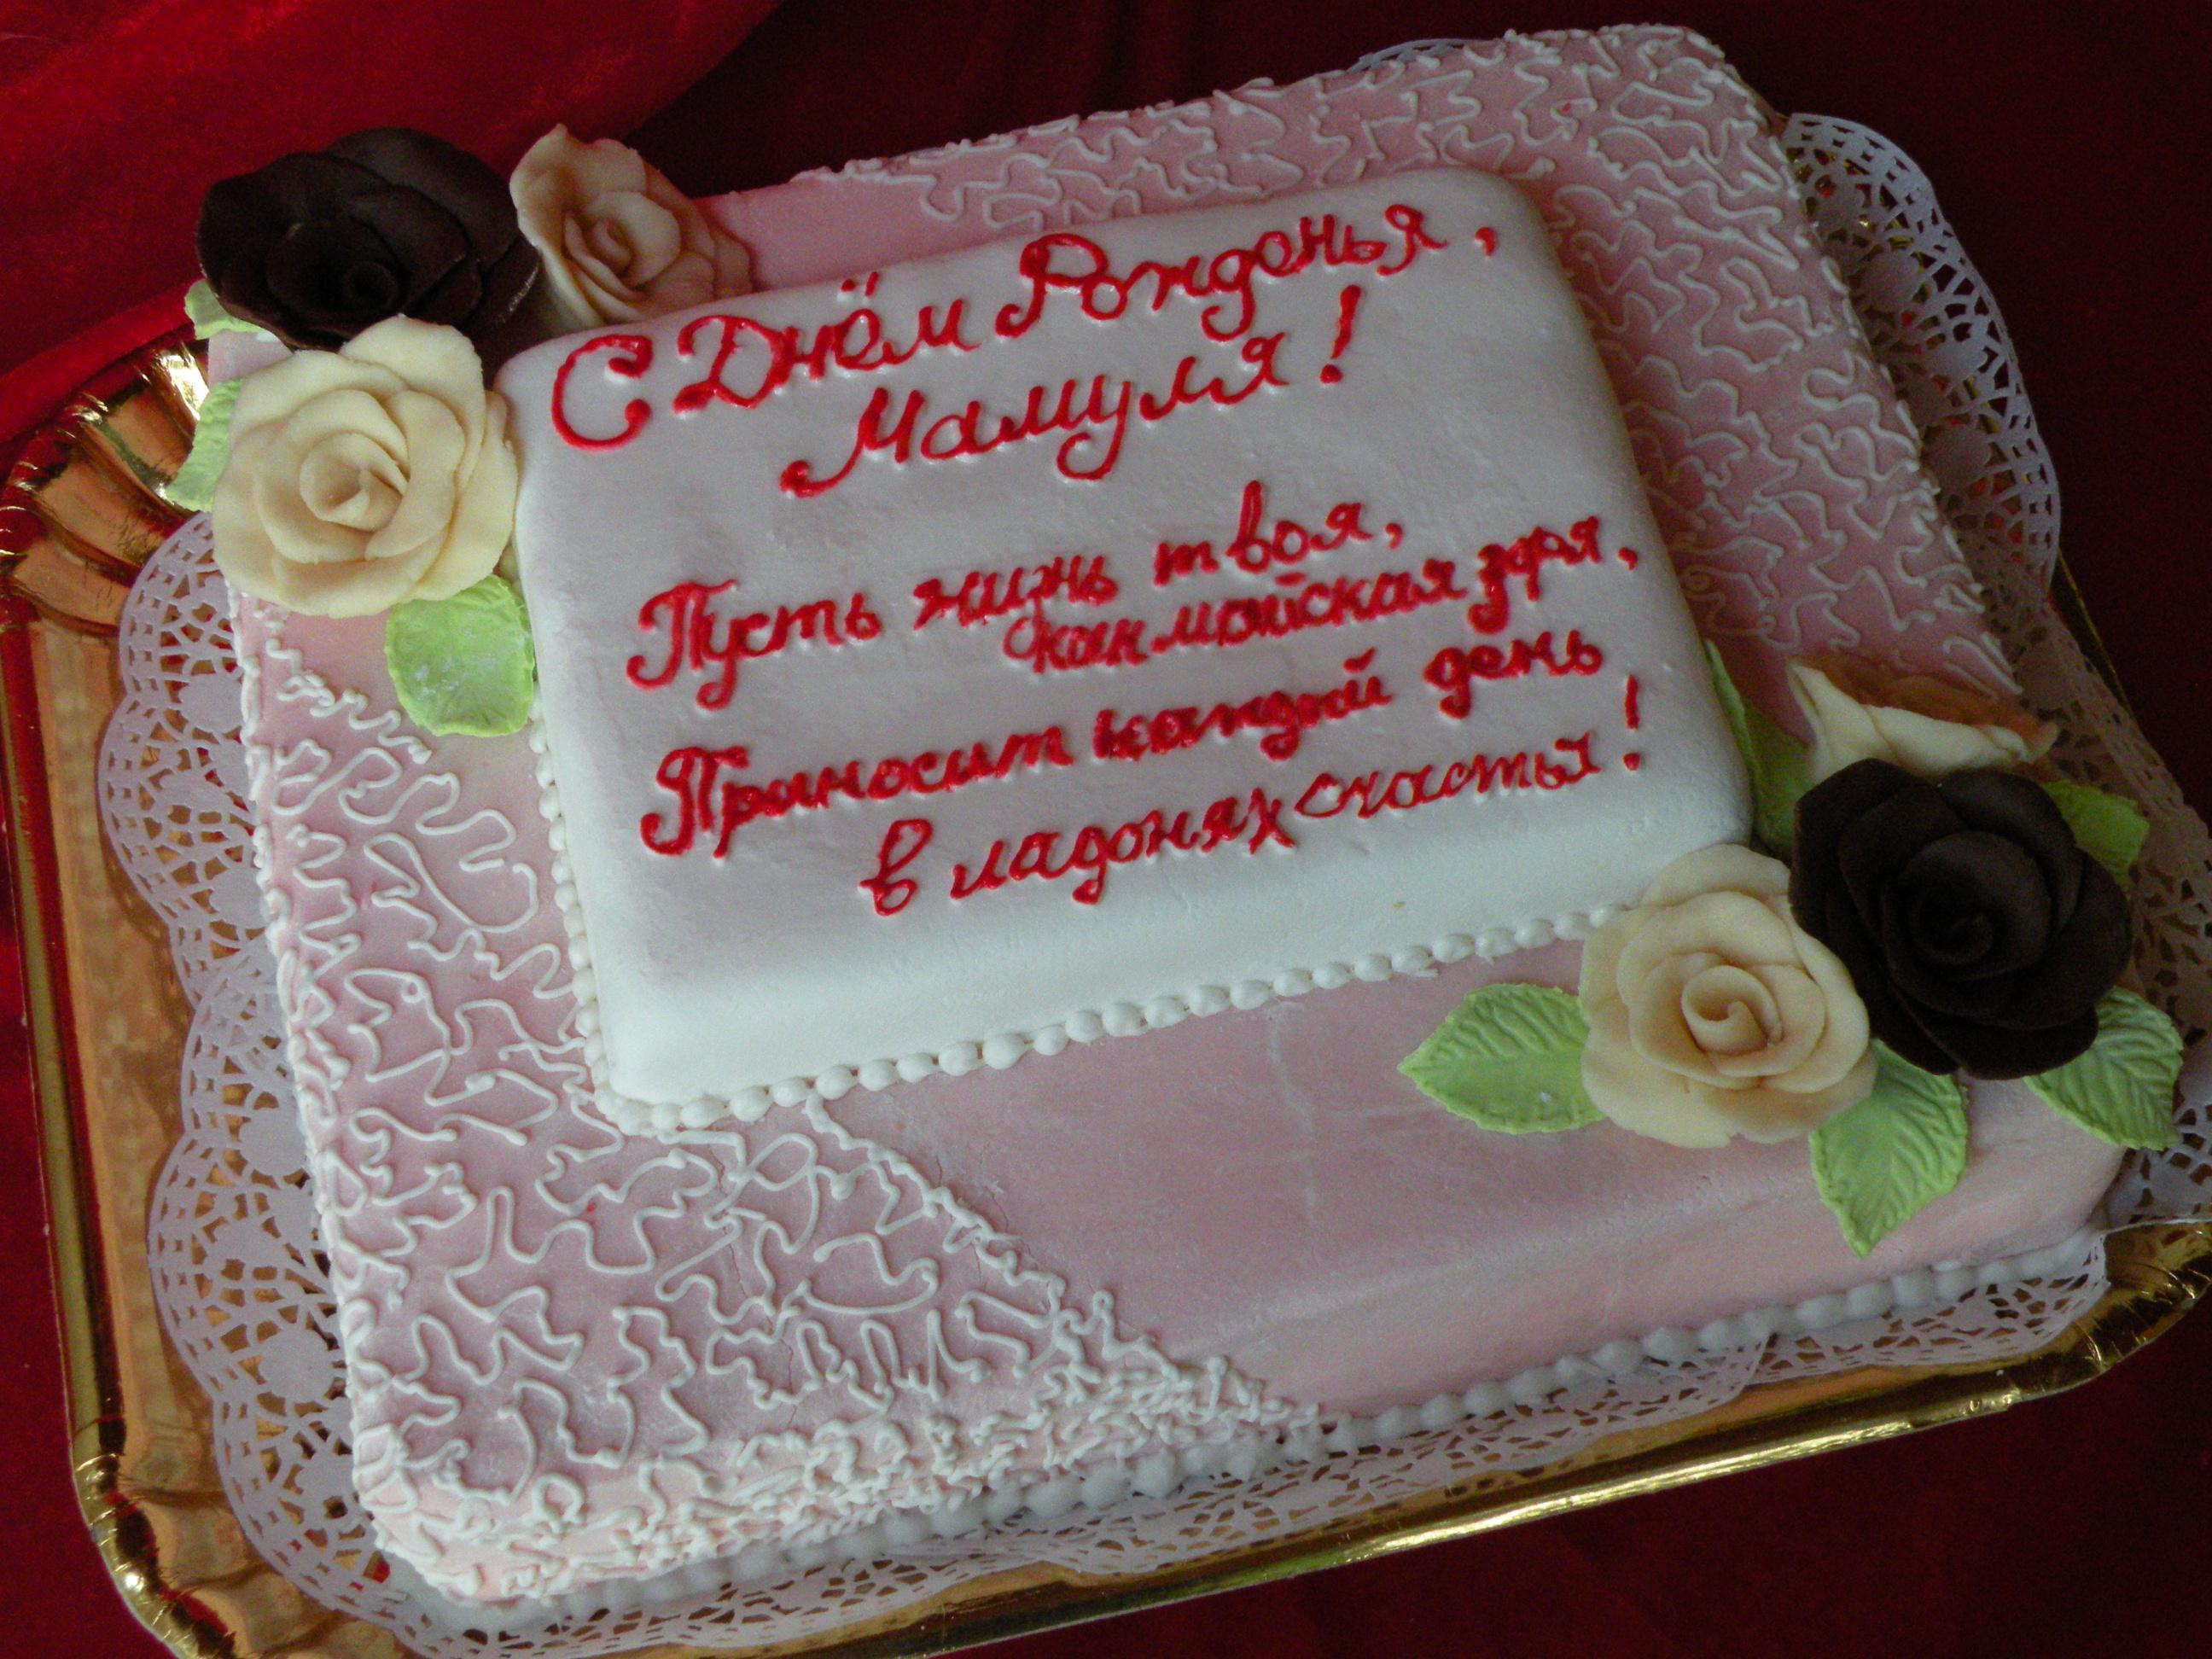 Чем написать на торте поздравления